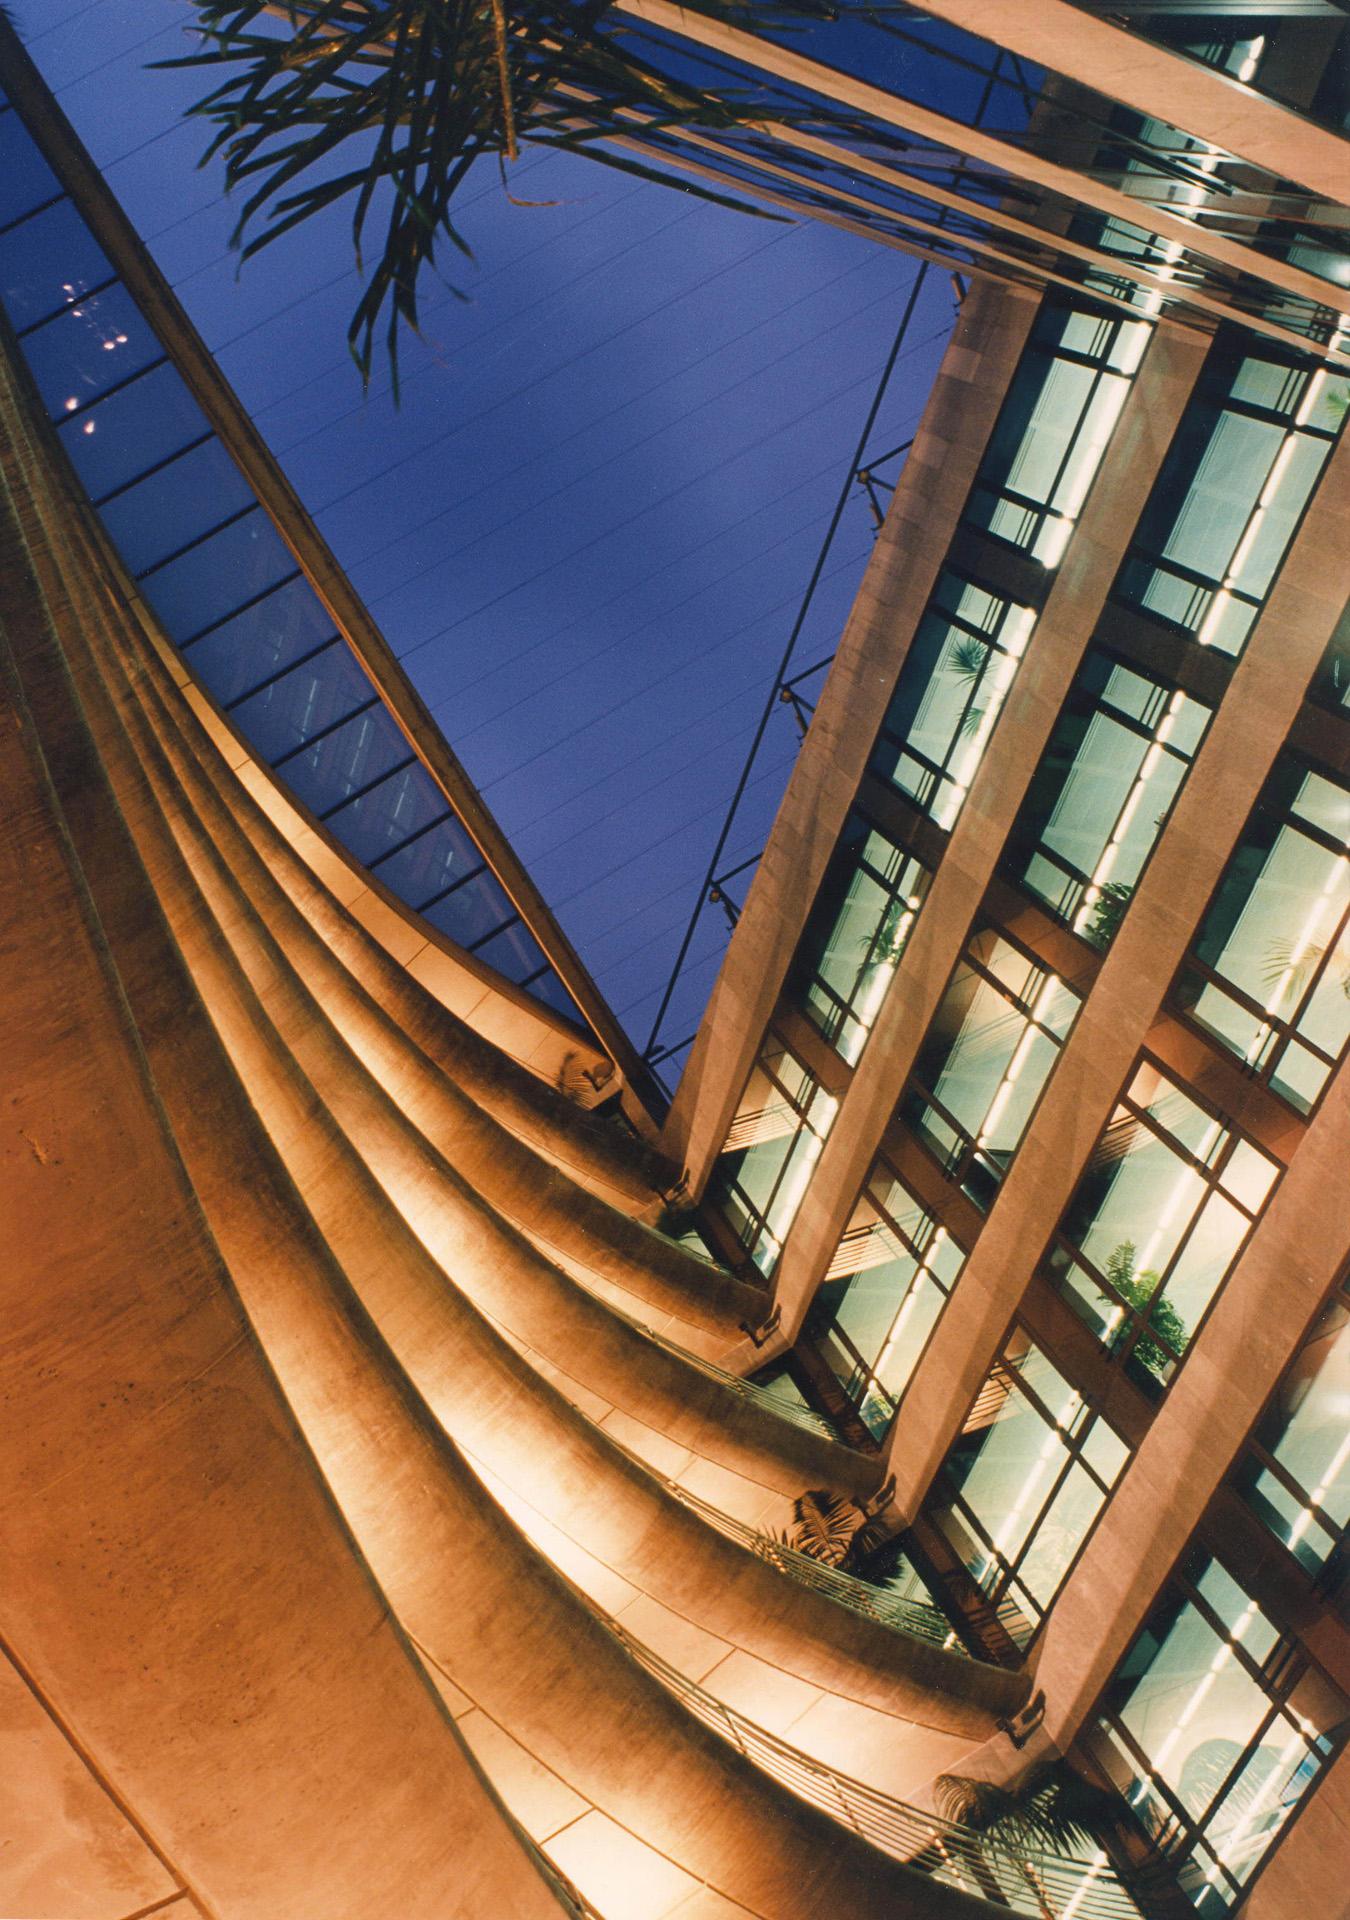 Correa + Estevez Arquitectura - Edificio Multiples 2 - 05.jpg